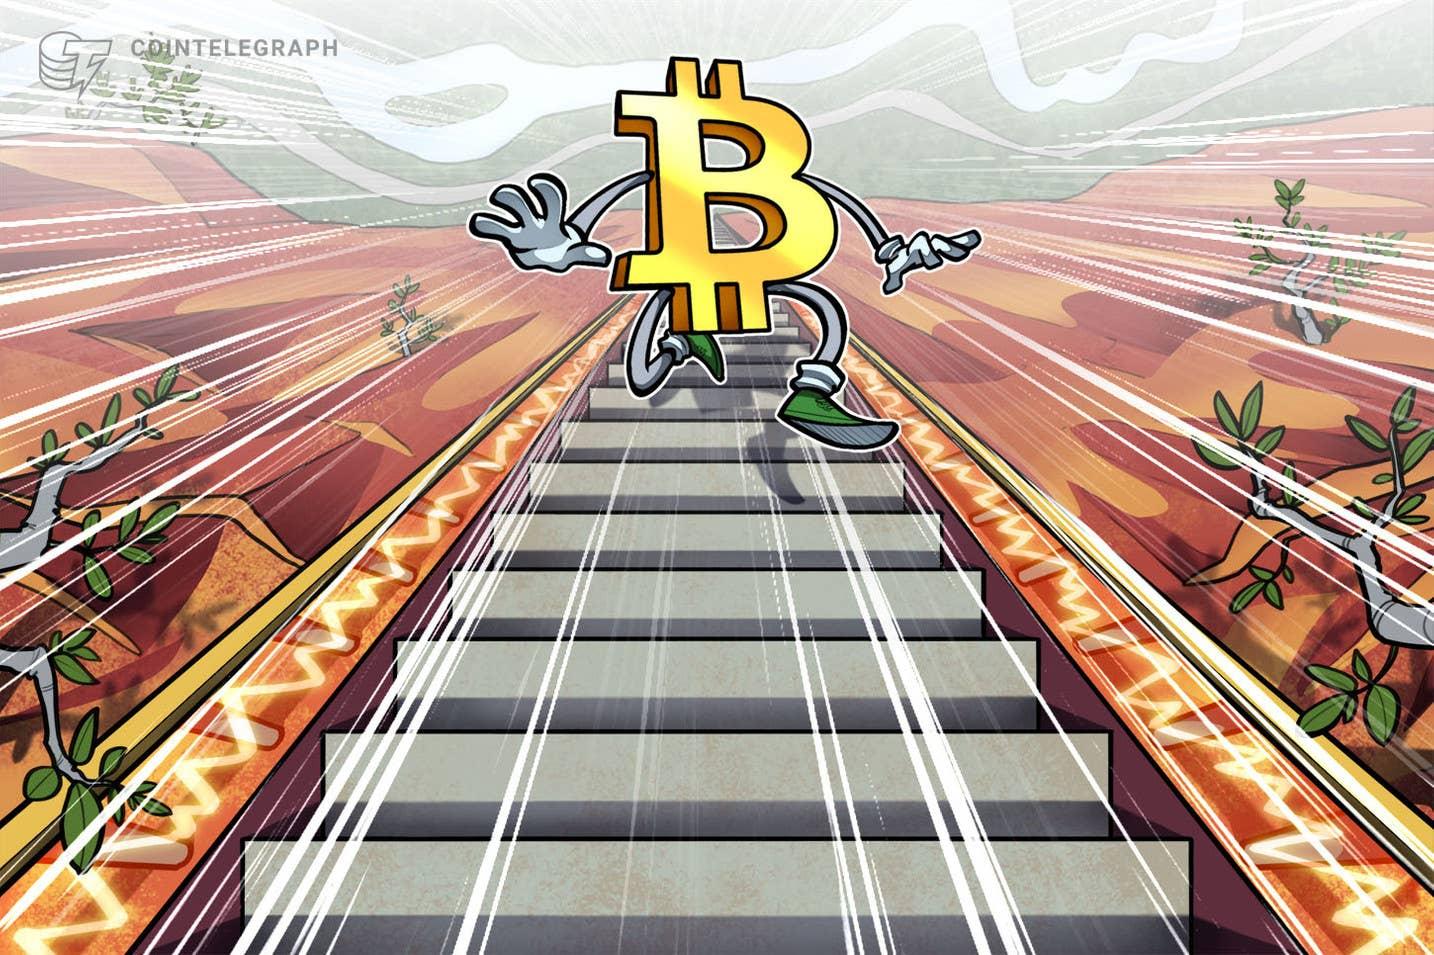 """Per daug """"žlugti"""" - """"Bitcoin"""" kaina suklupo 44 tūkst. JAV dolerių, nes Kinija planuoja """"Evergrande"""" griūtį"""